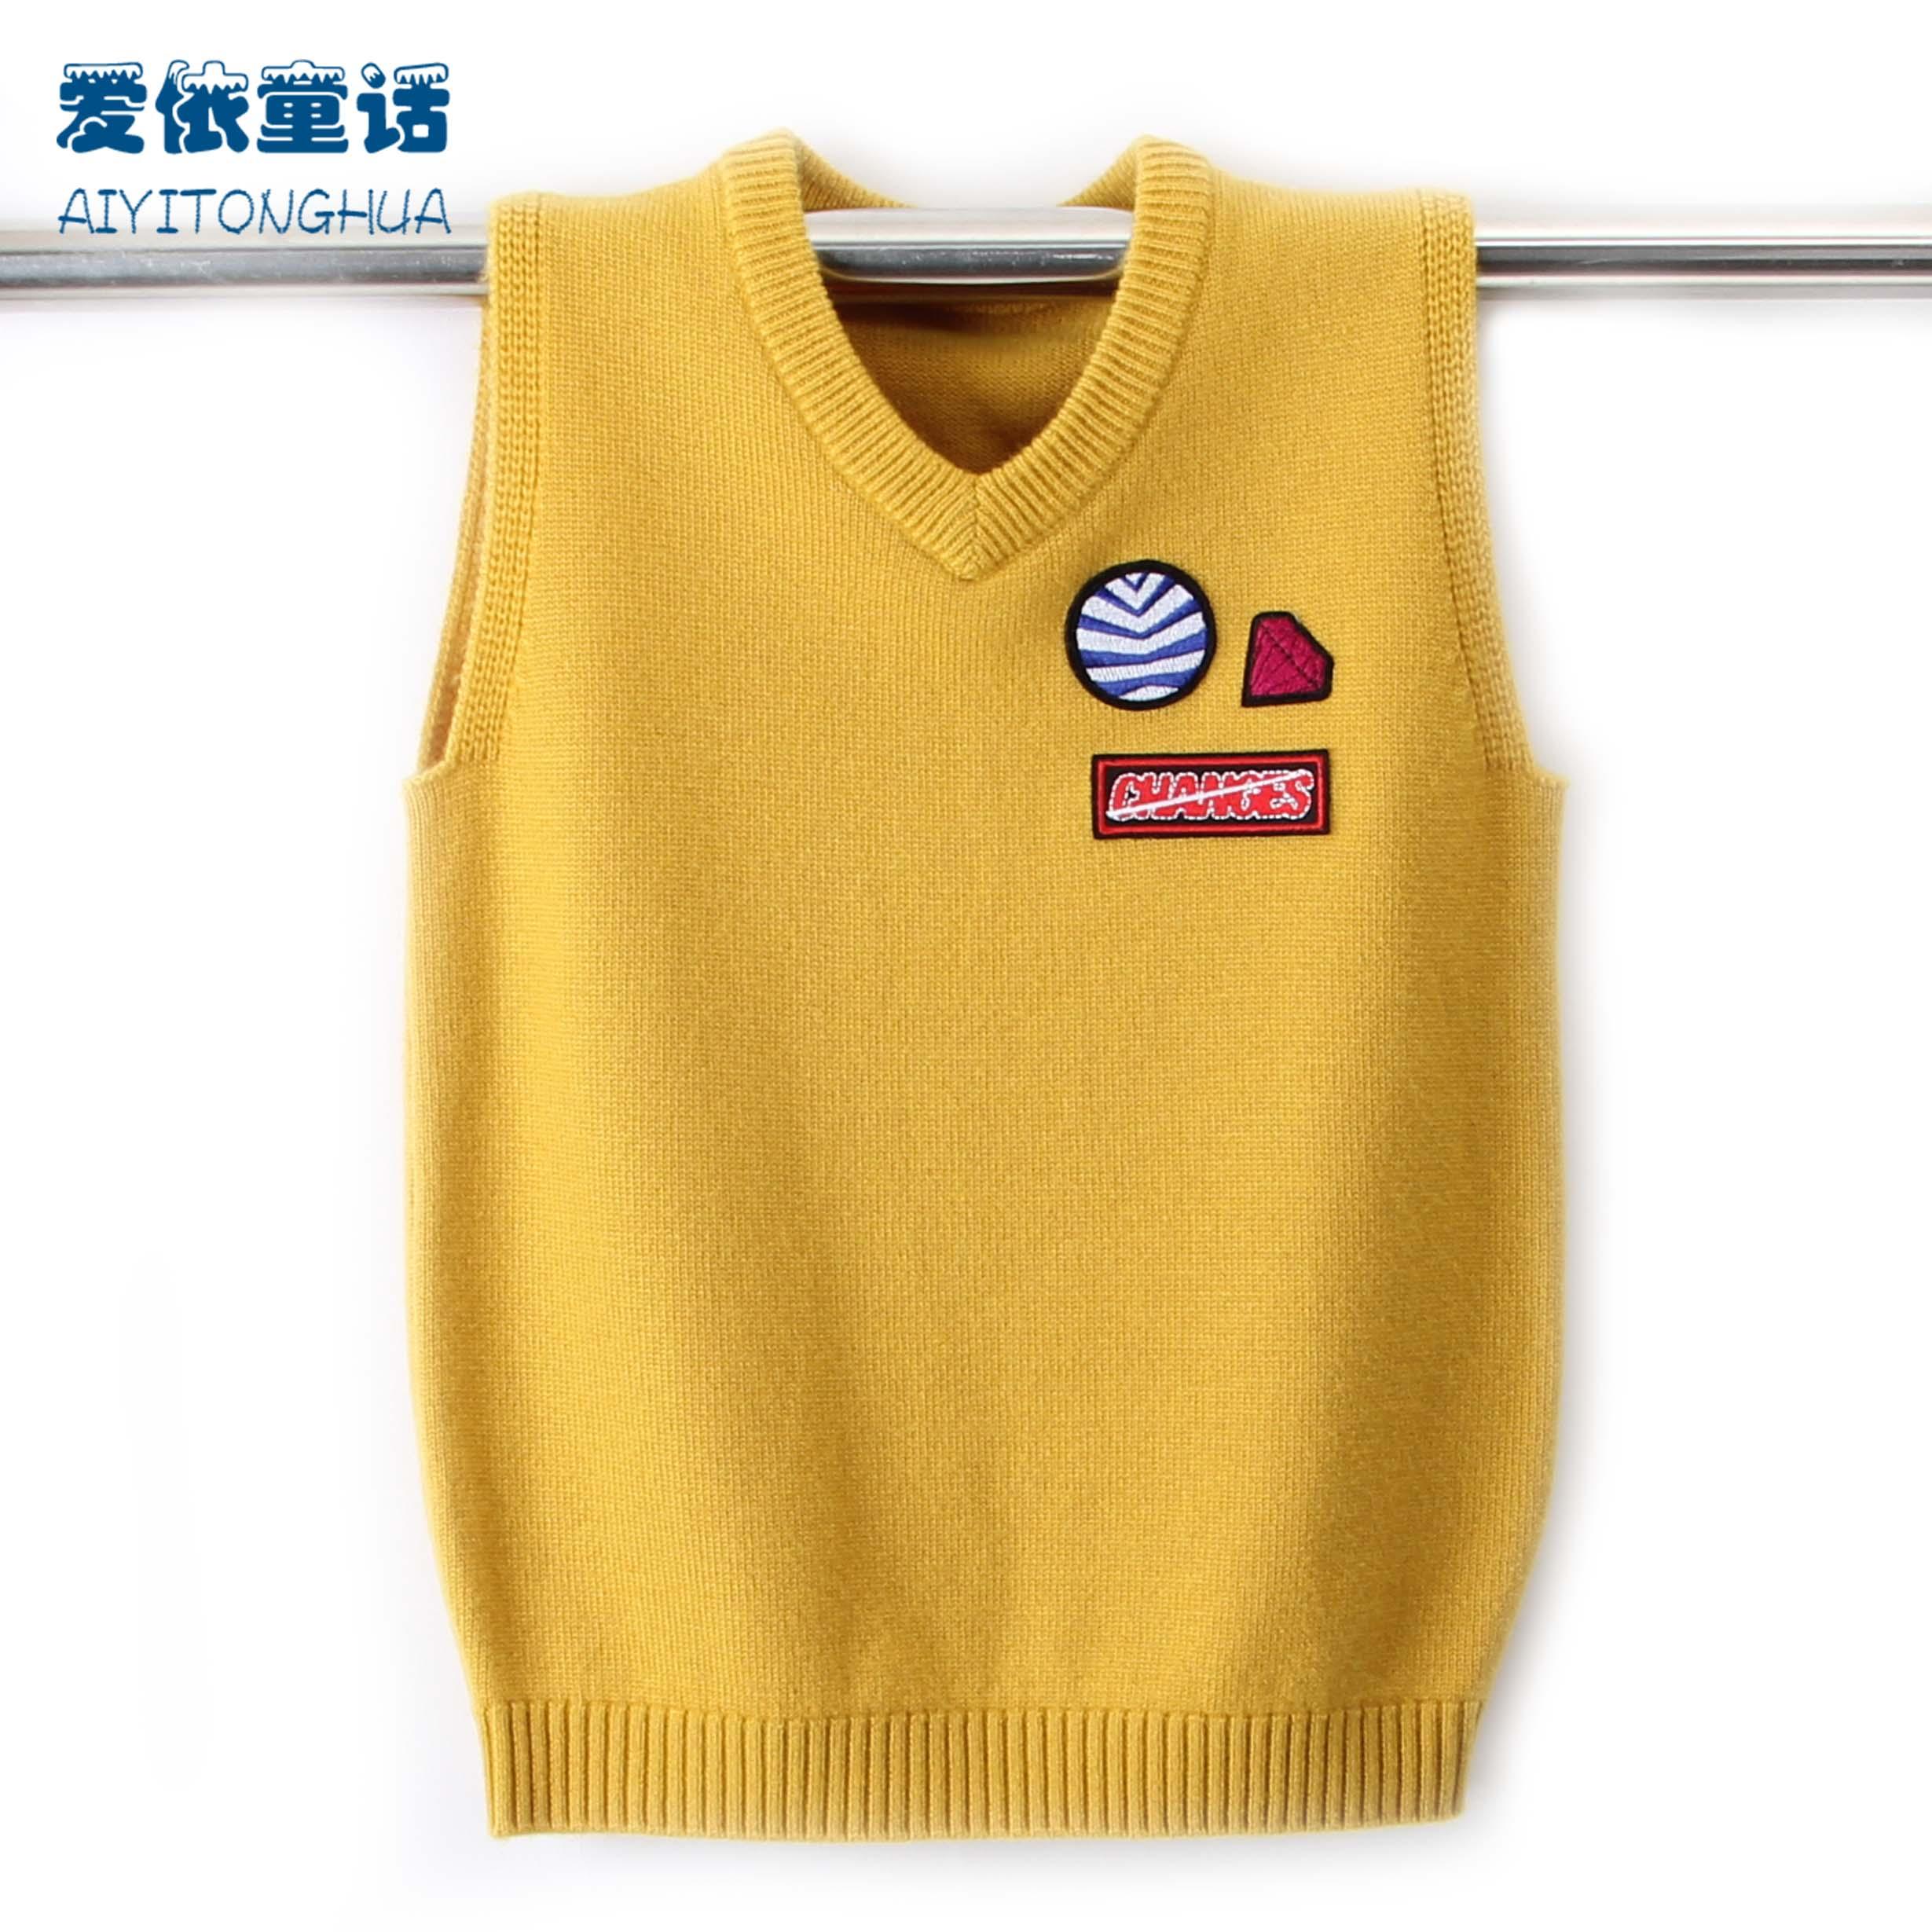 Мужские свитера / Кардиганы / Жилеты Артикул 575376880526